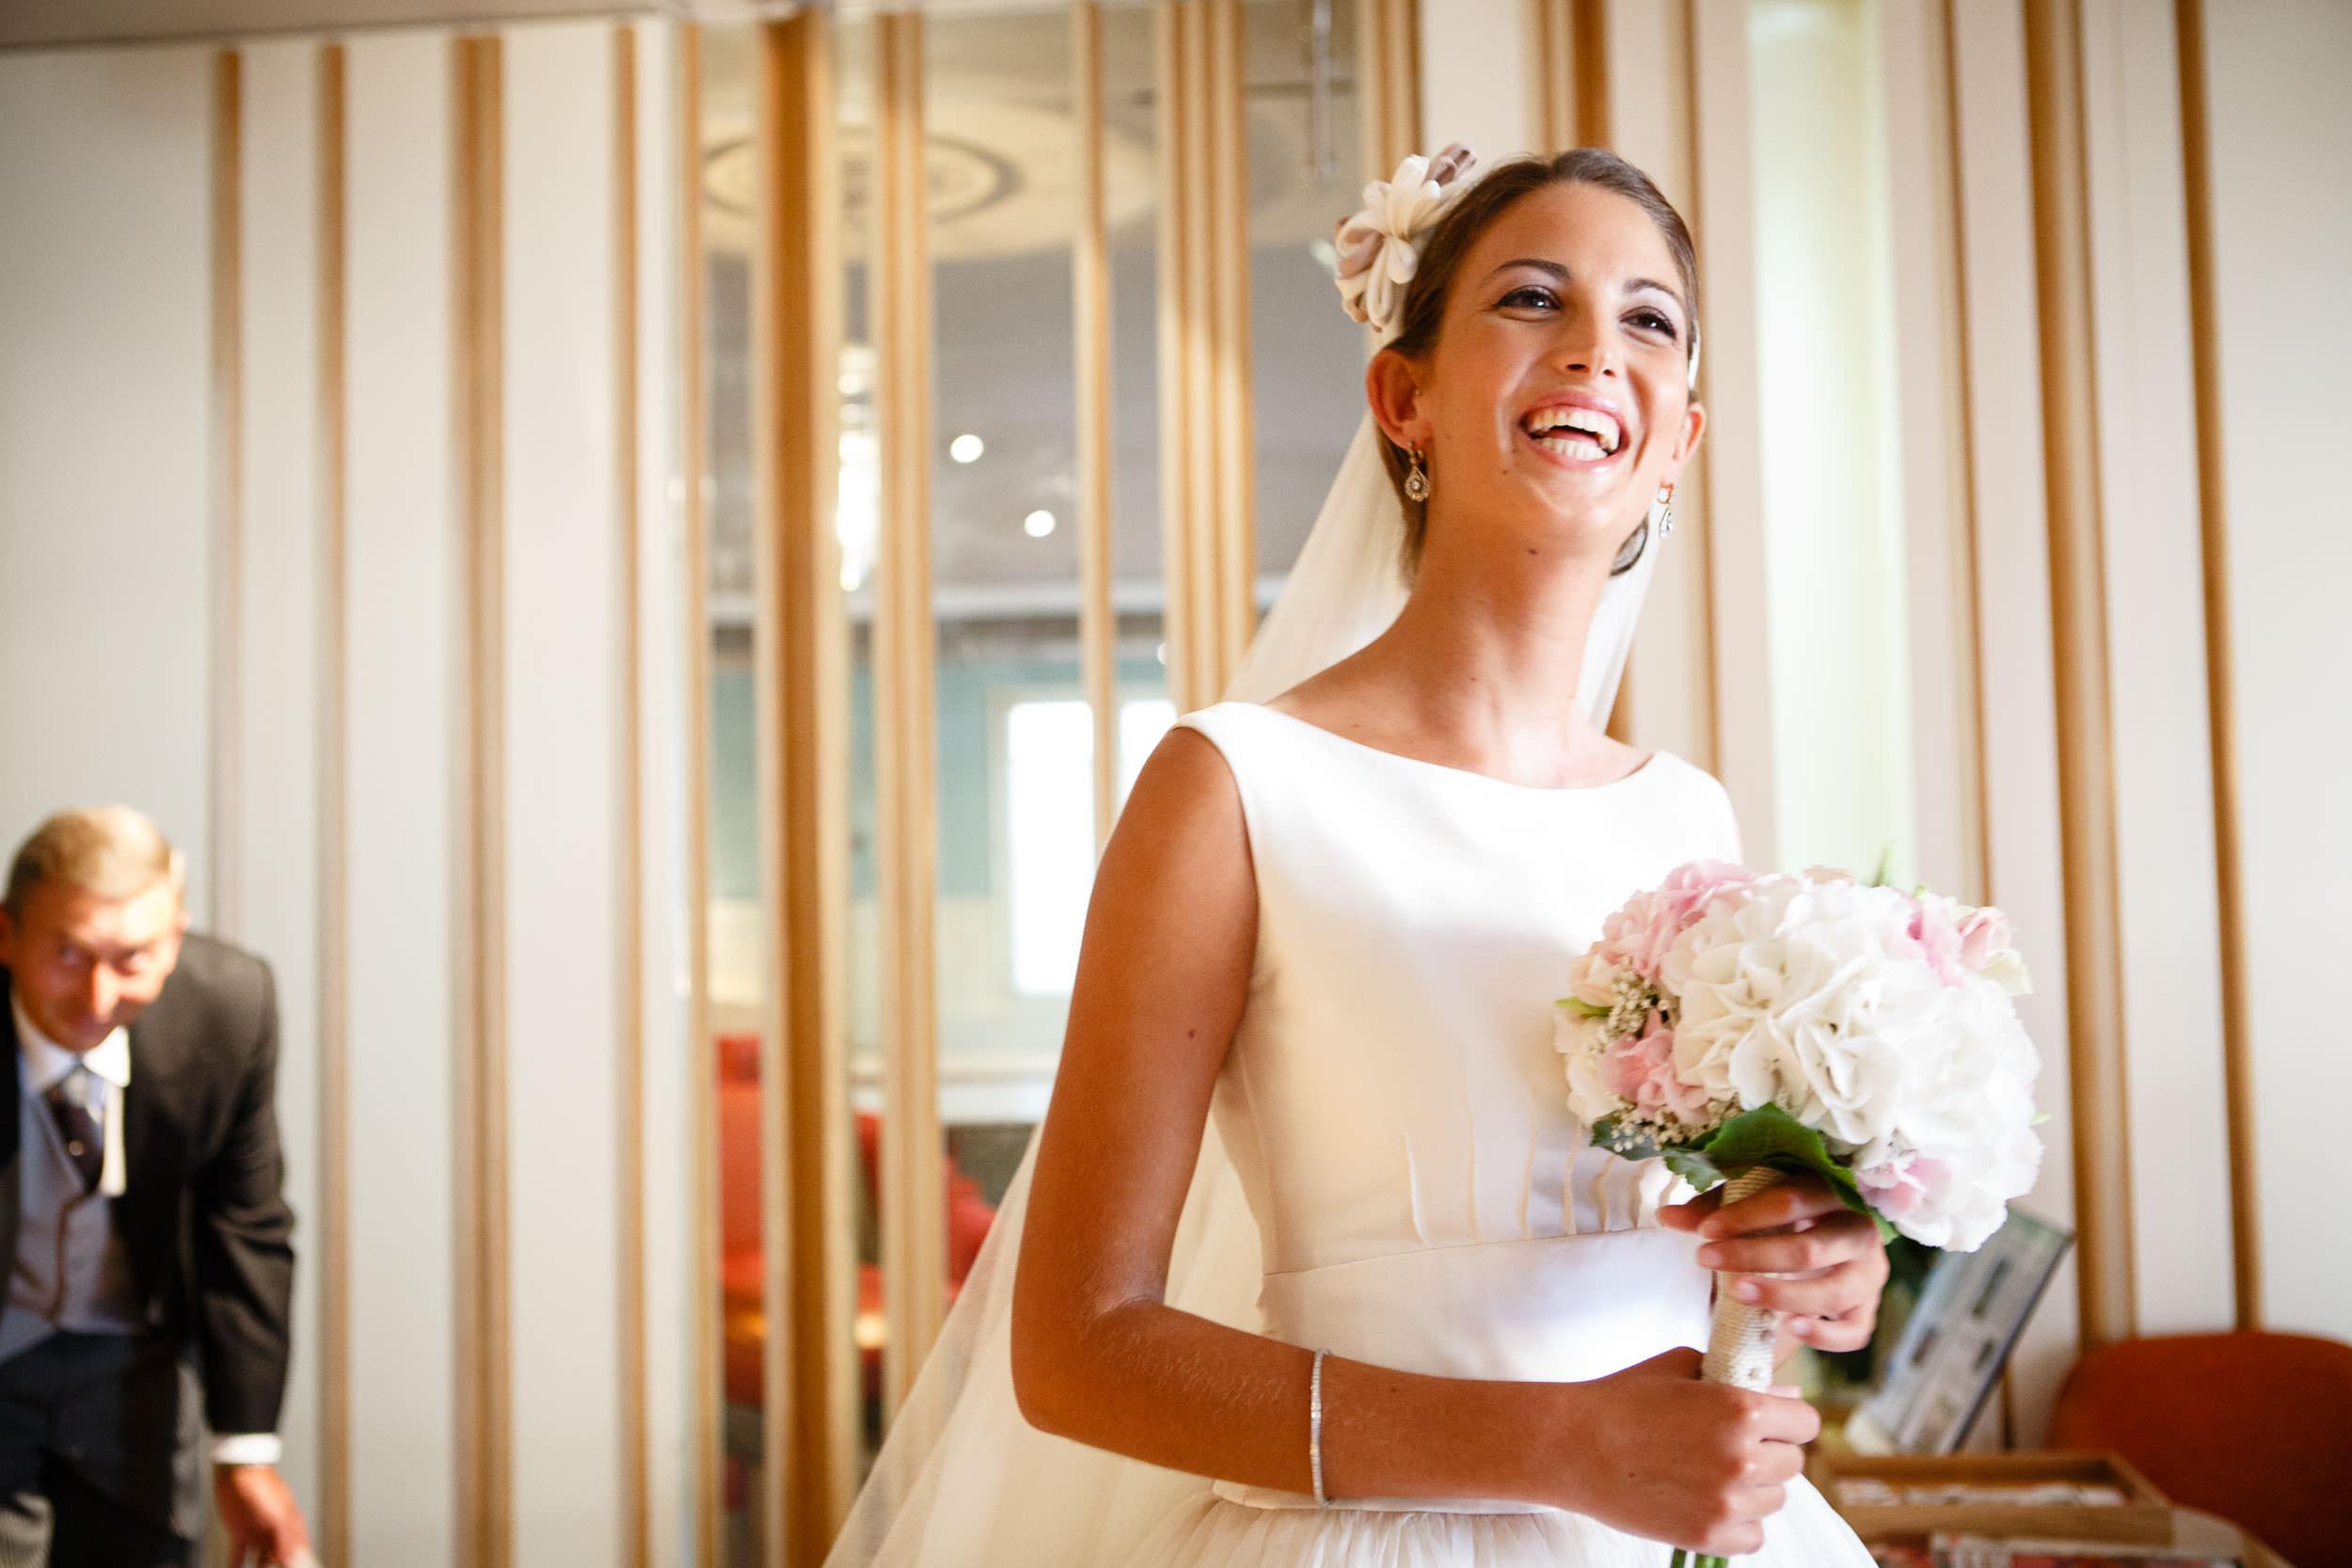 Fotografia de boda La Rioja Pais Vasco España - James Sturcke - sturcke.org_001.jpg